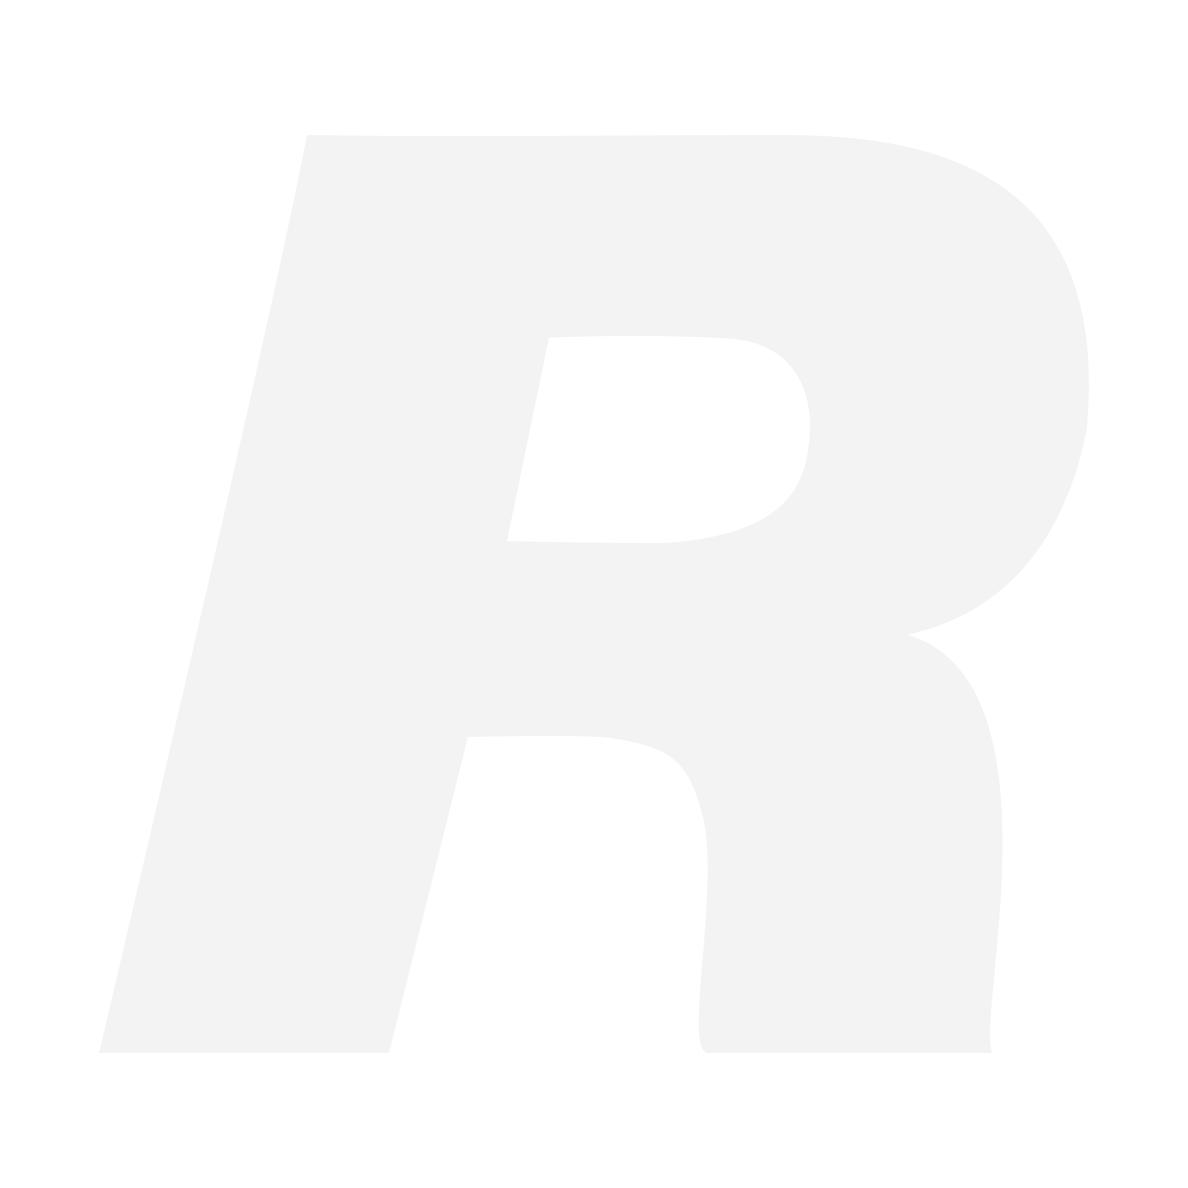 DJI Ronin M Battery 1580mAh (Part 35)